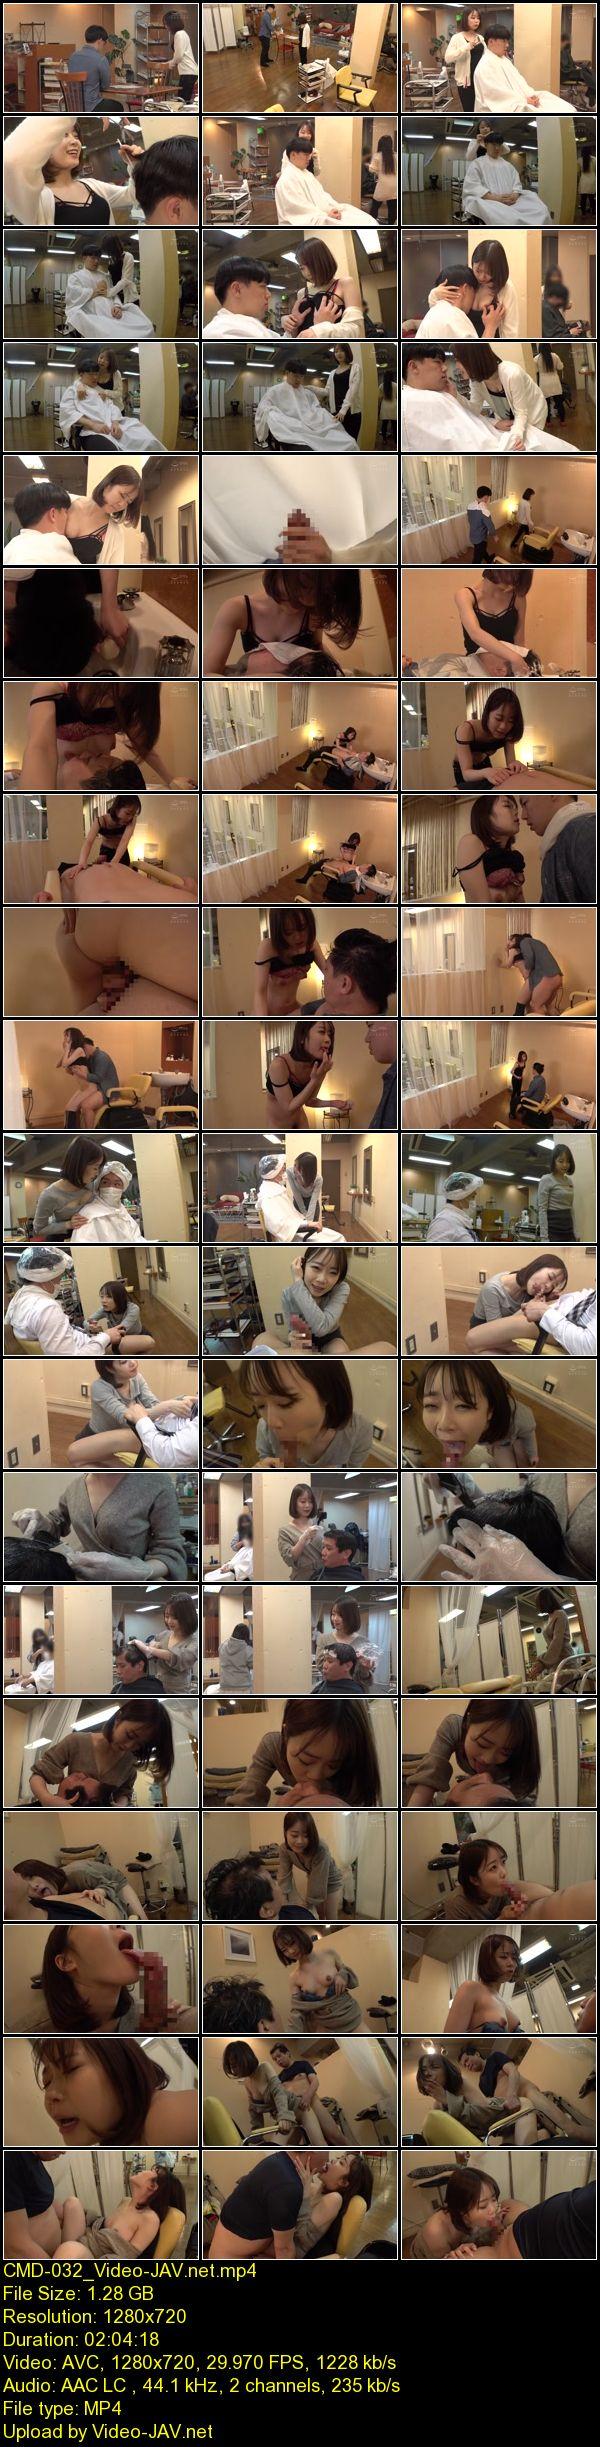 JAV Download Mao Watanabe [CMD 032] 誘惑◆美容室 渡辺まお 2021 04 02